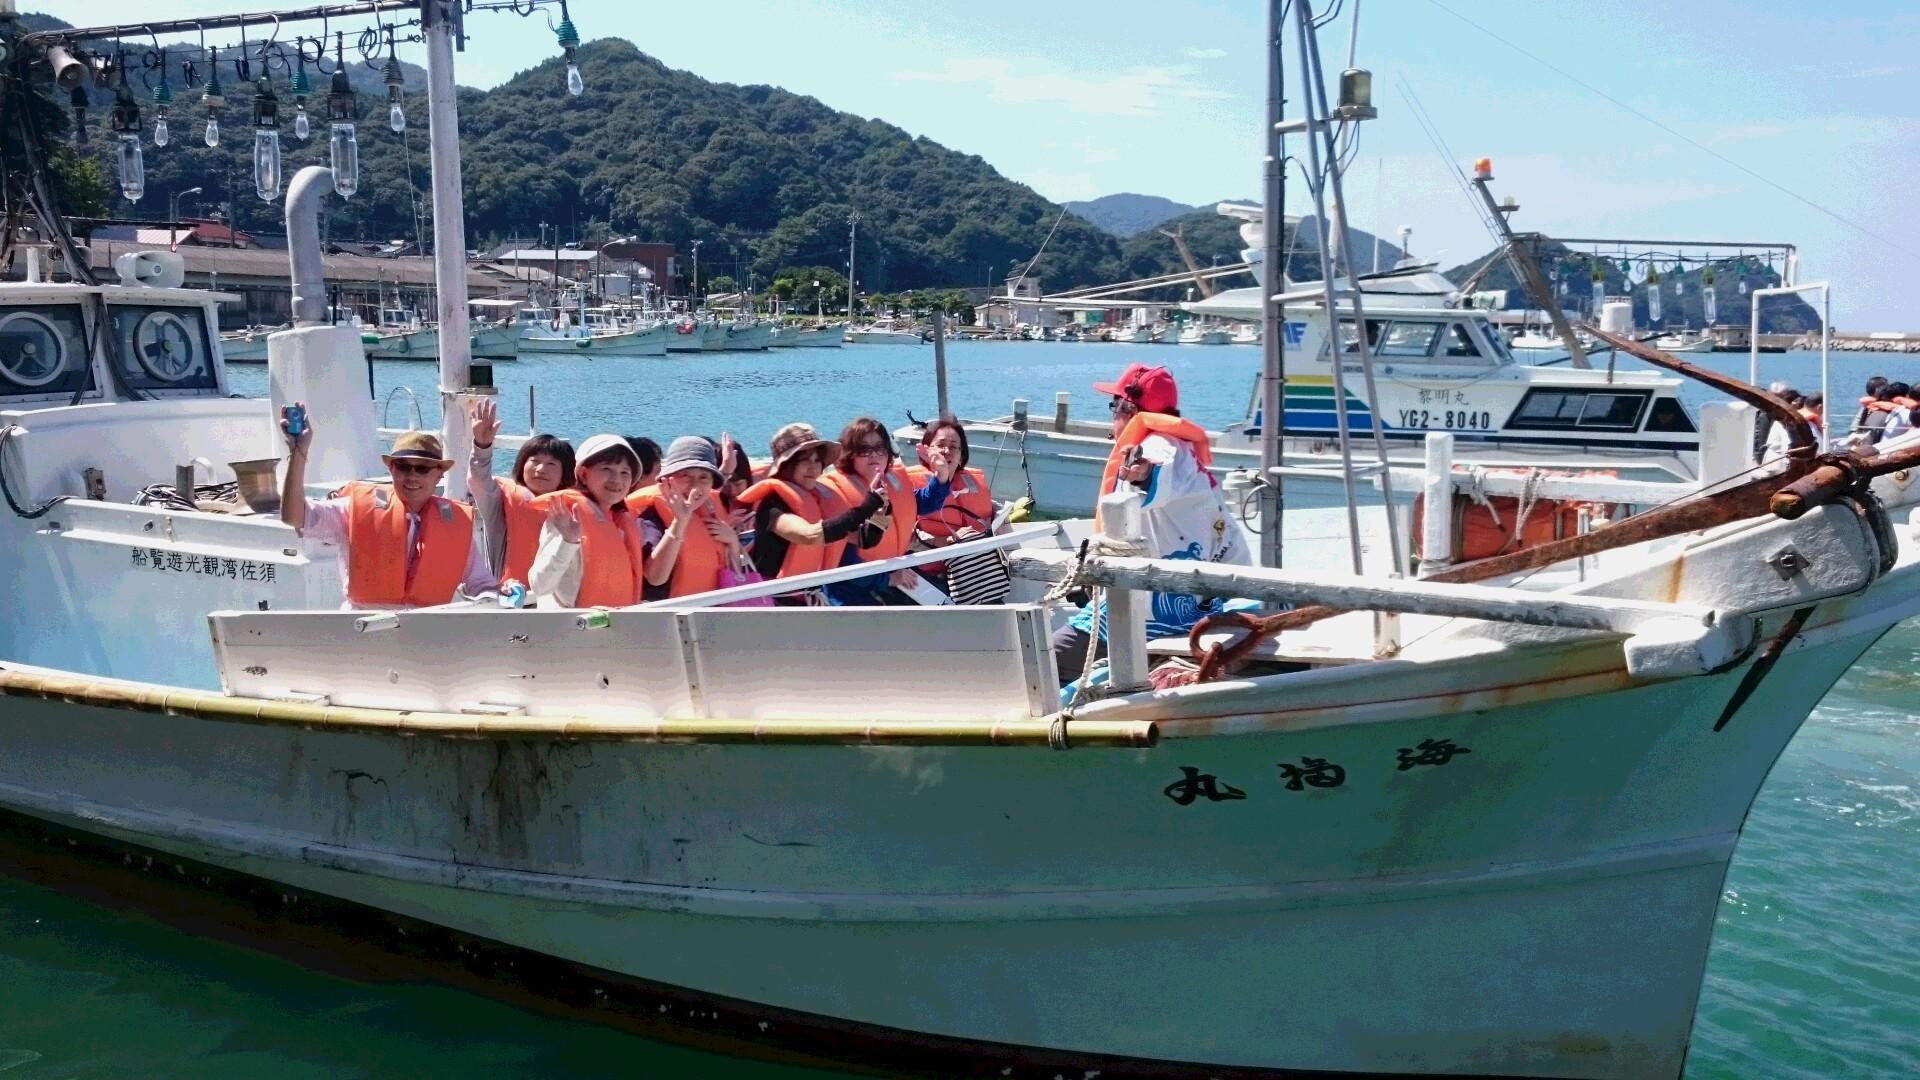 7月18日須佐湾遊覧船